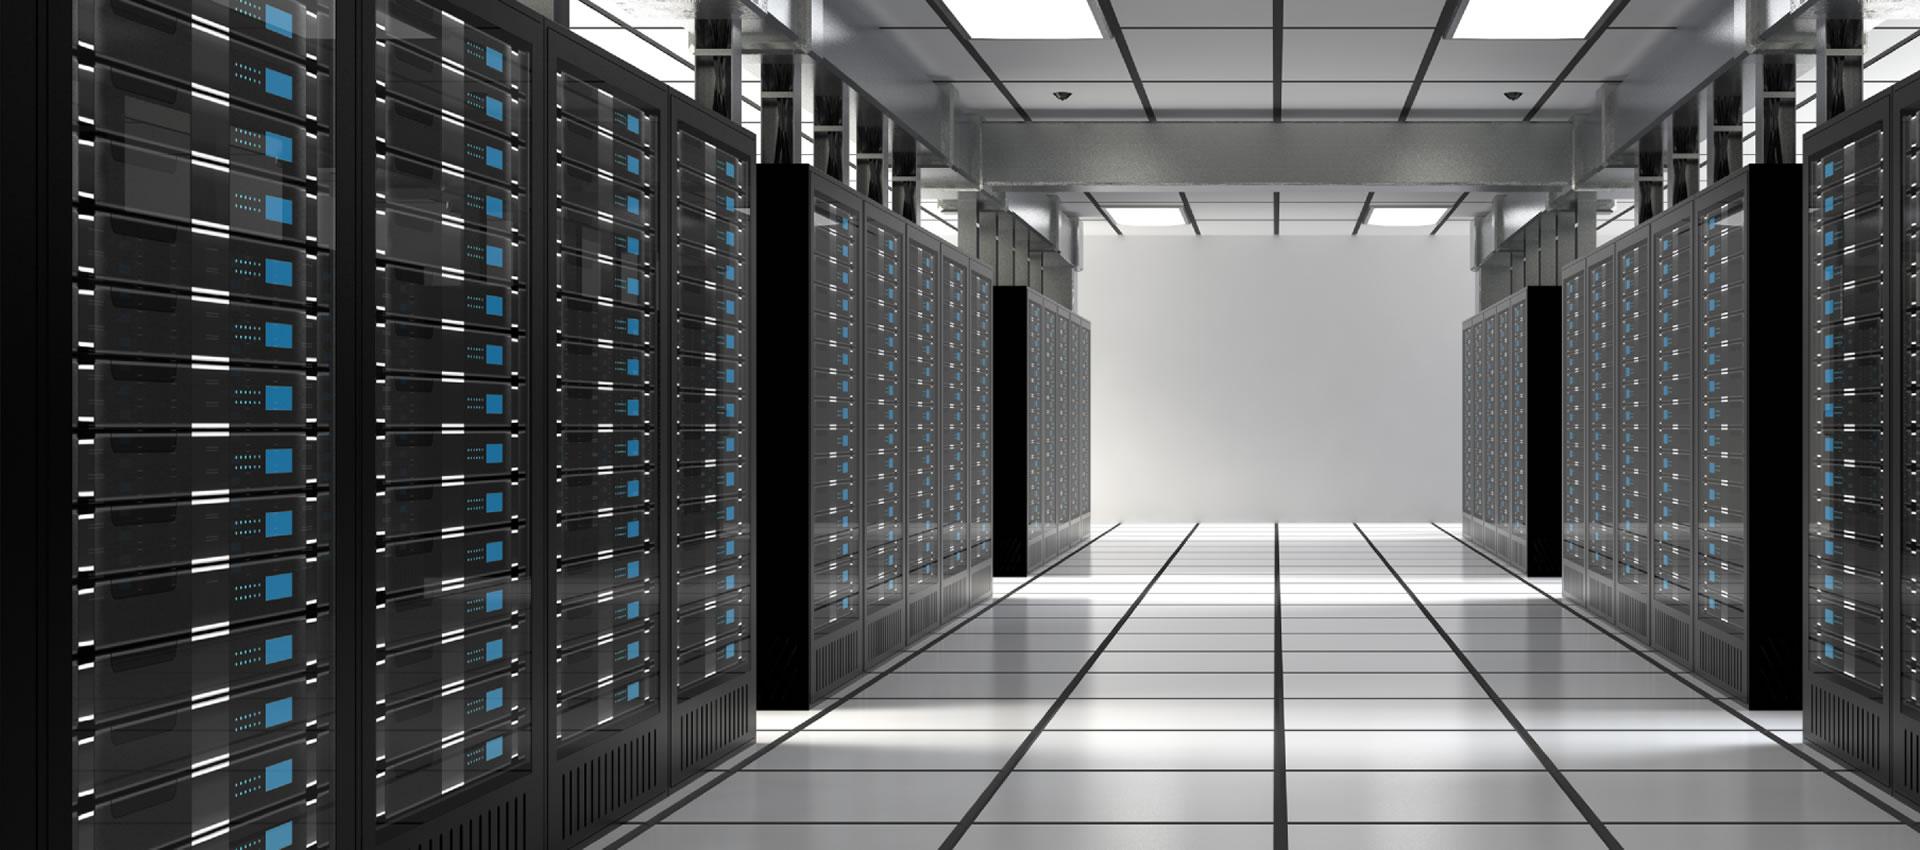 physical hosting